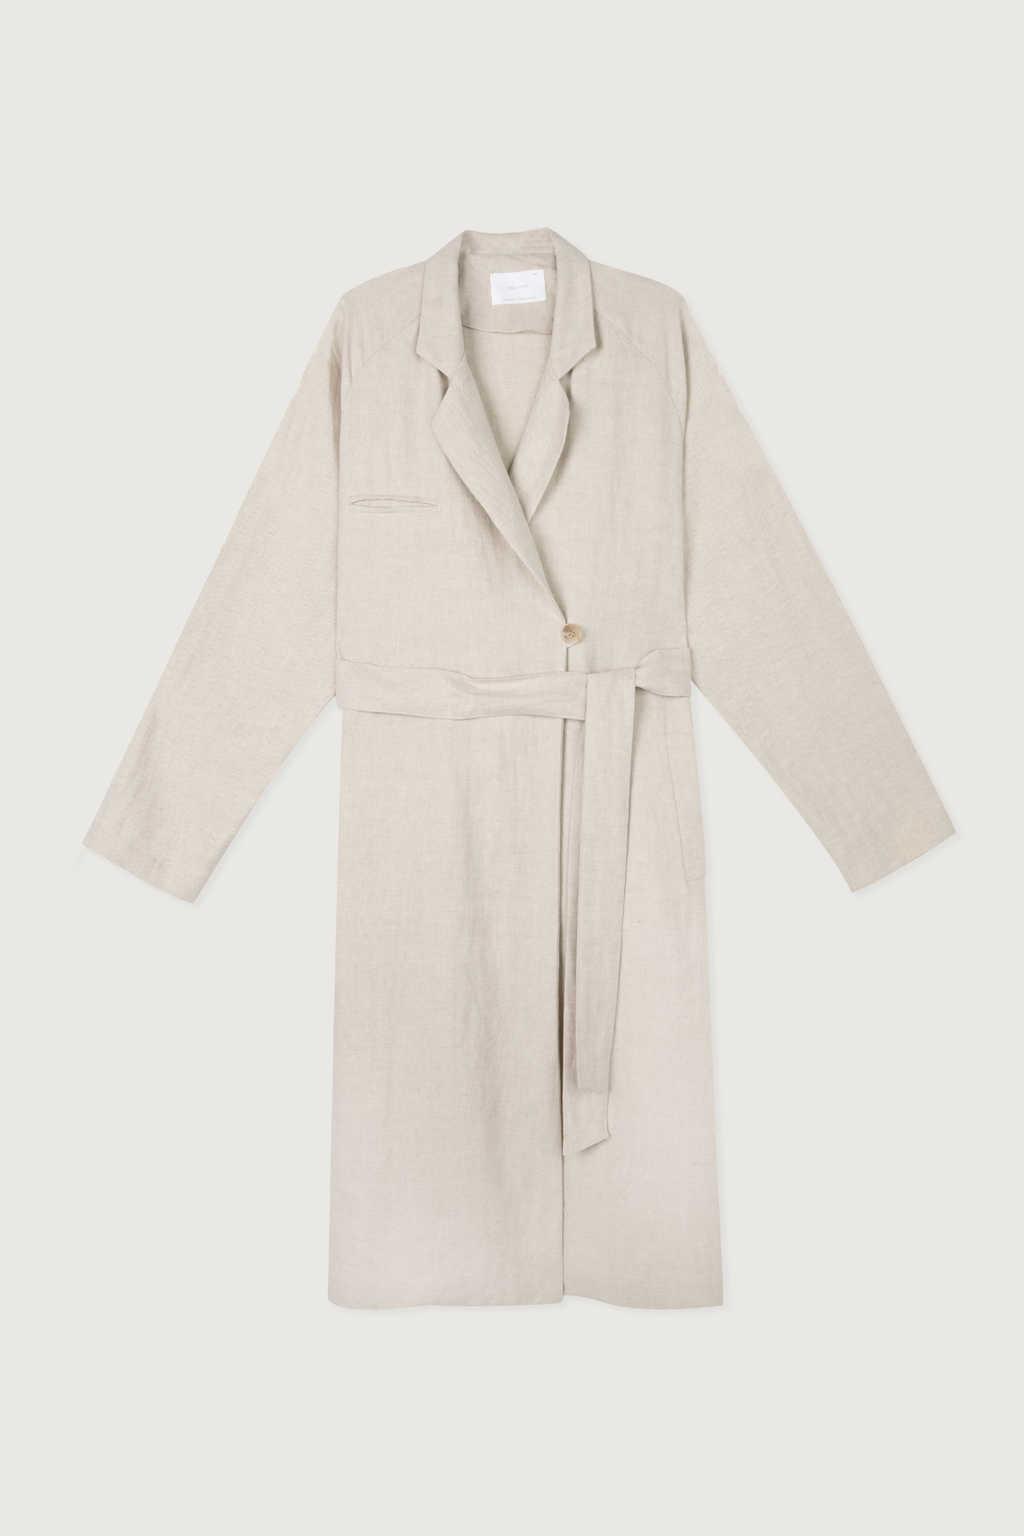 Coat K001 Beige 5